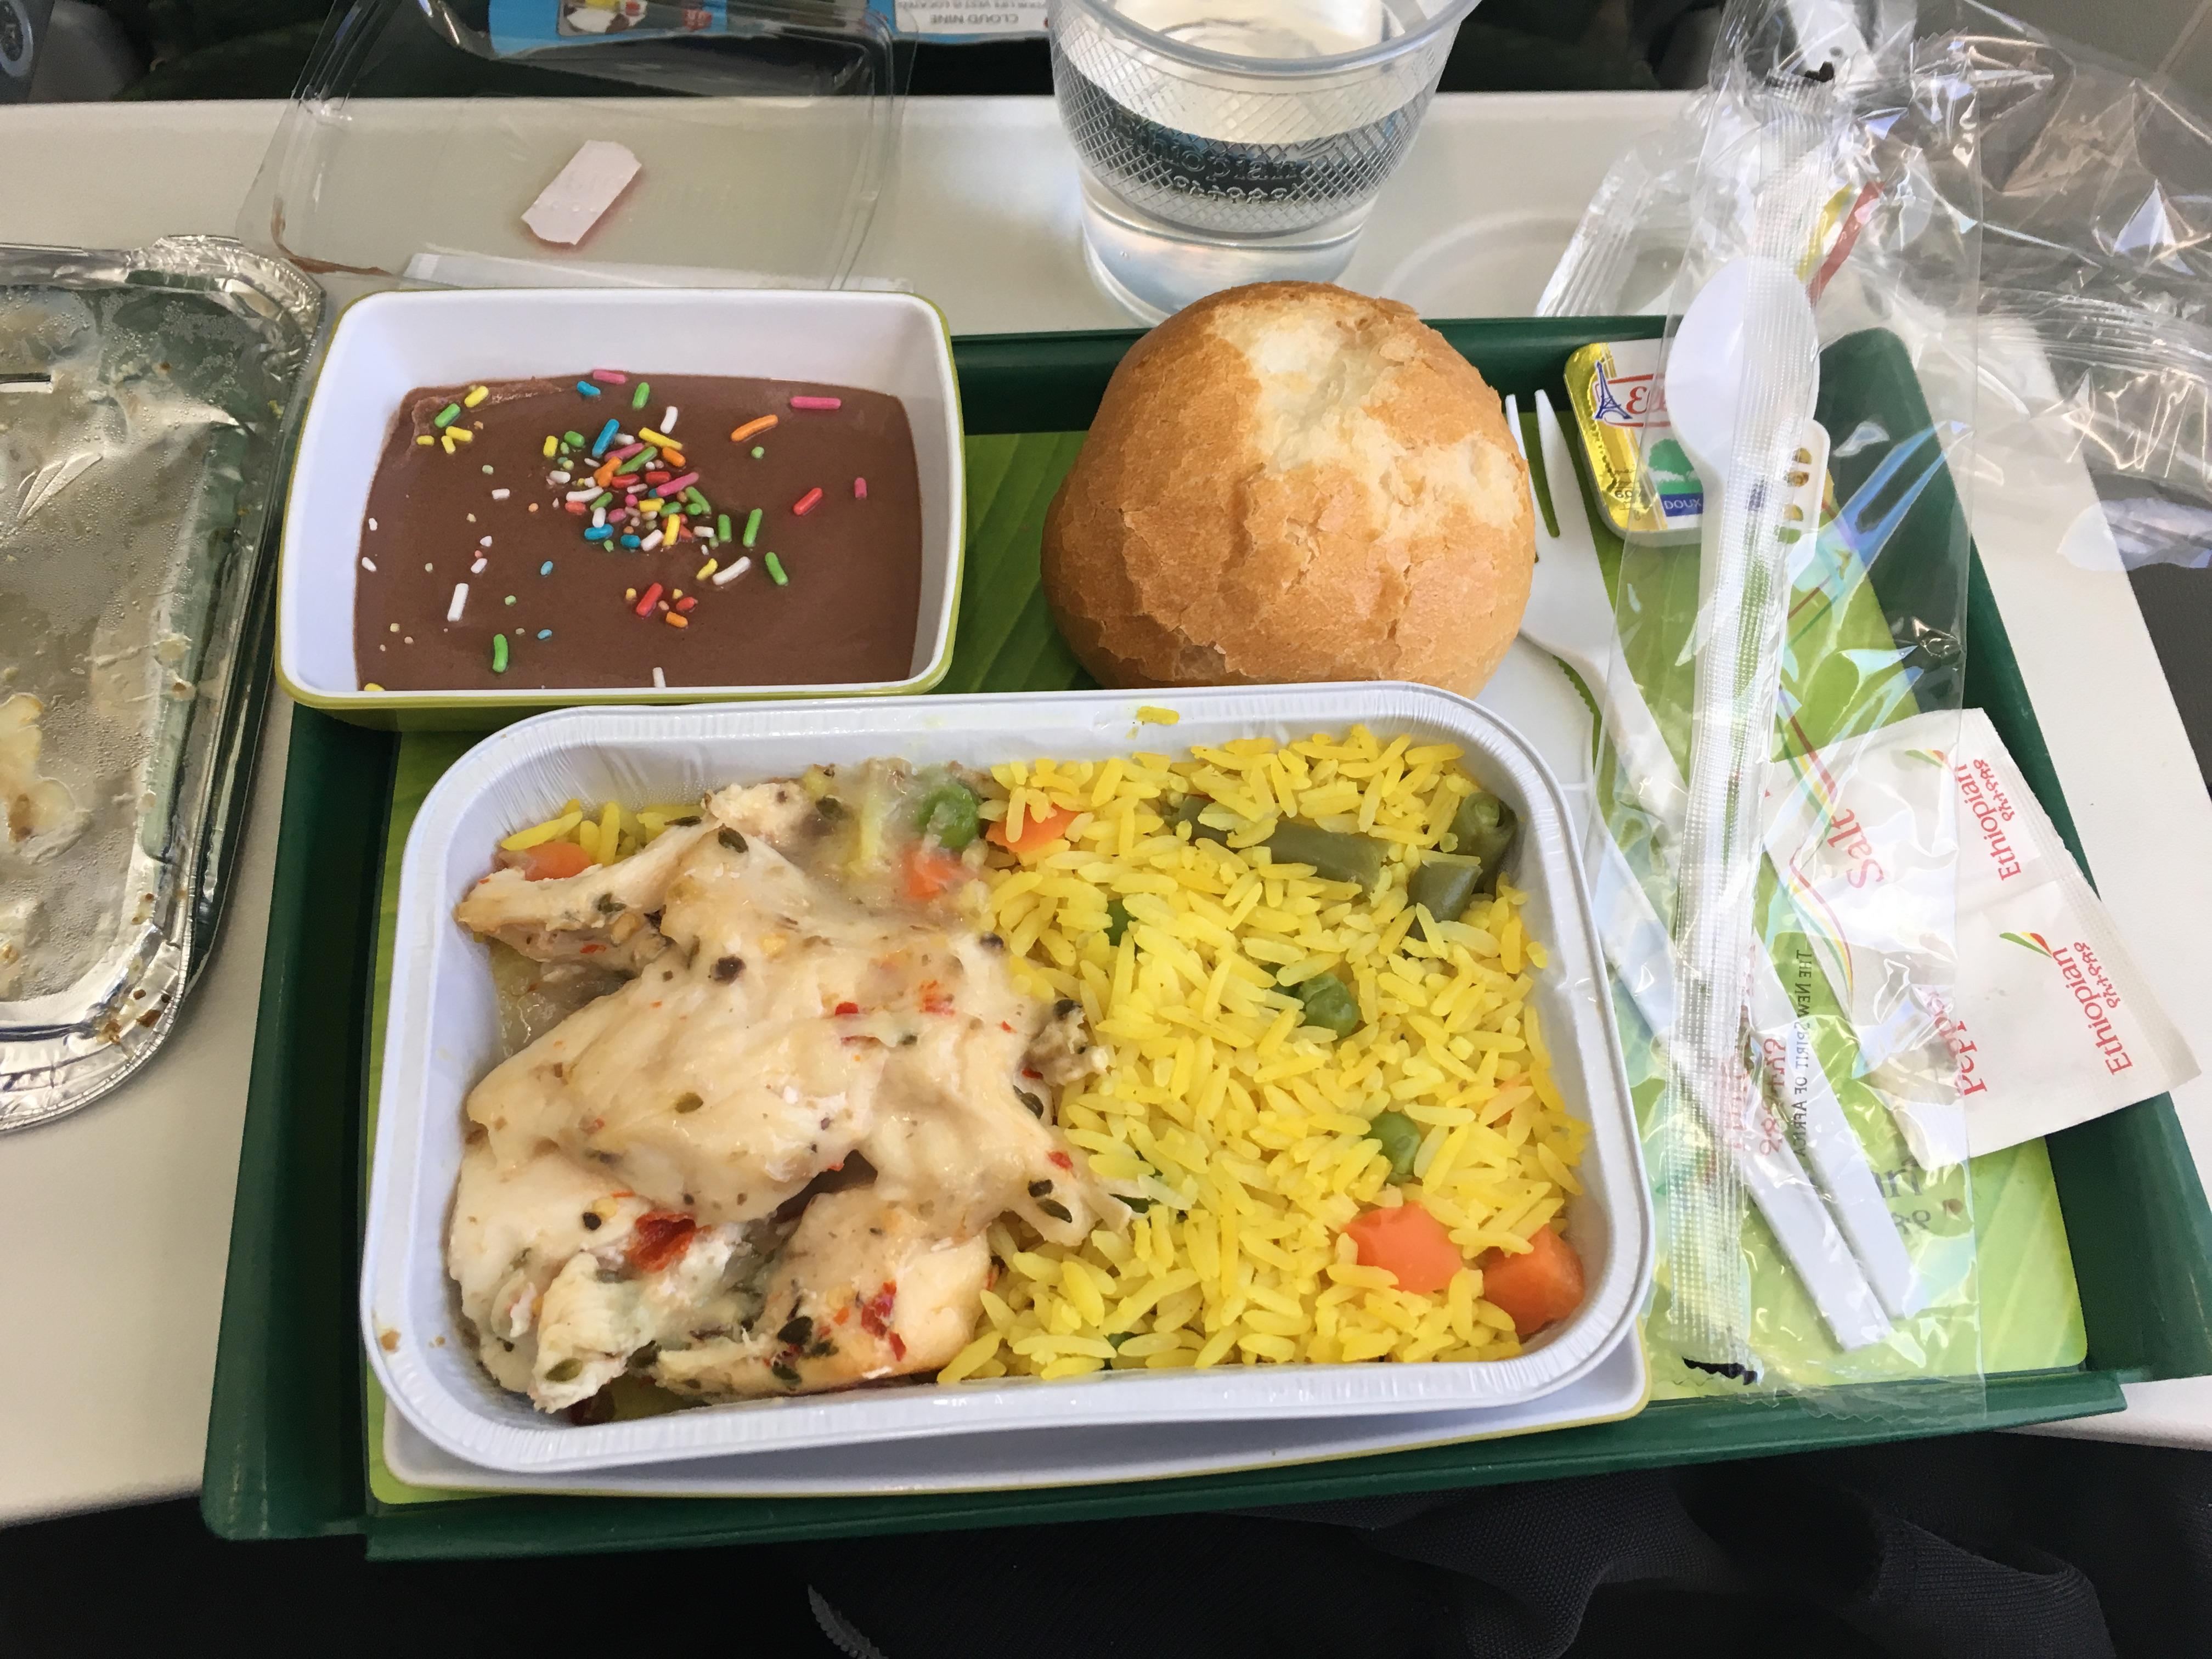 https://foodloader.net/blub_2017-06-22_Reis_mit_H__hnchen__Br__tchen_und_Schokocreme_Ethiopian_Airlines.jpg